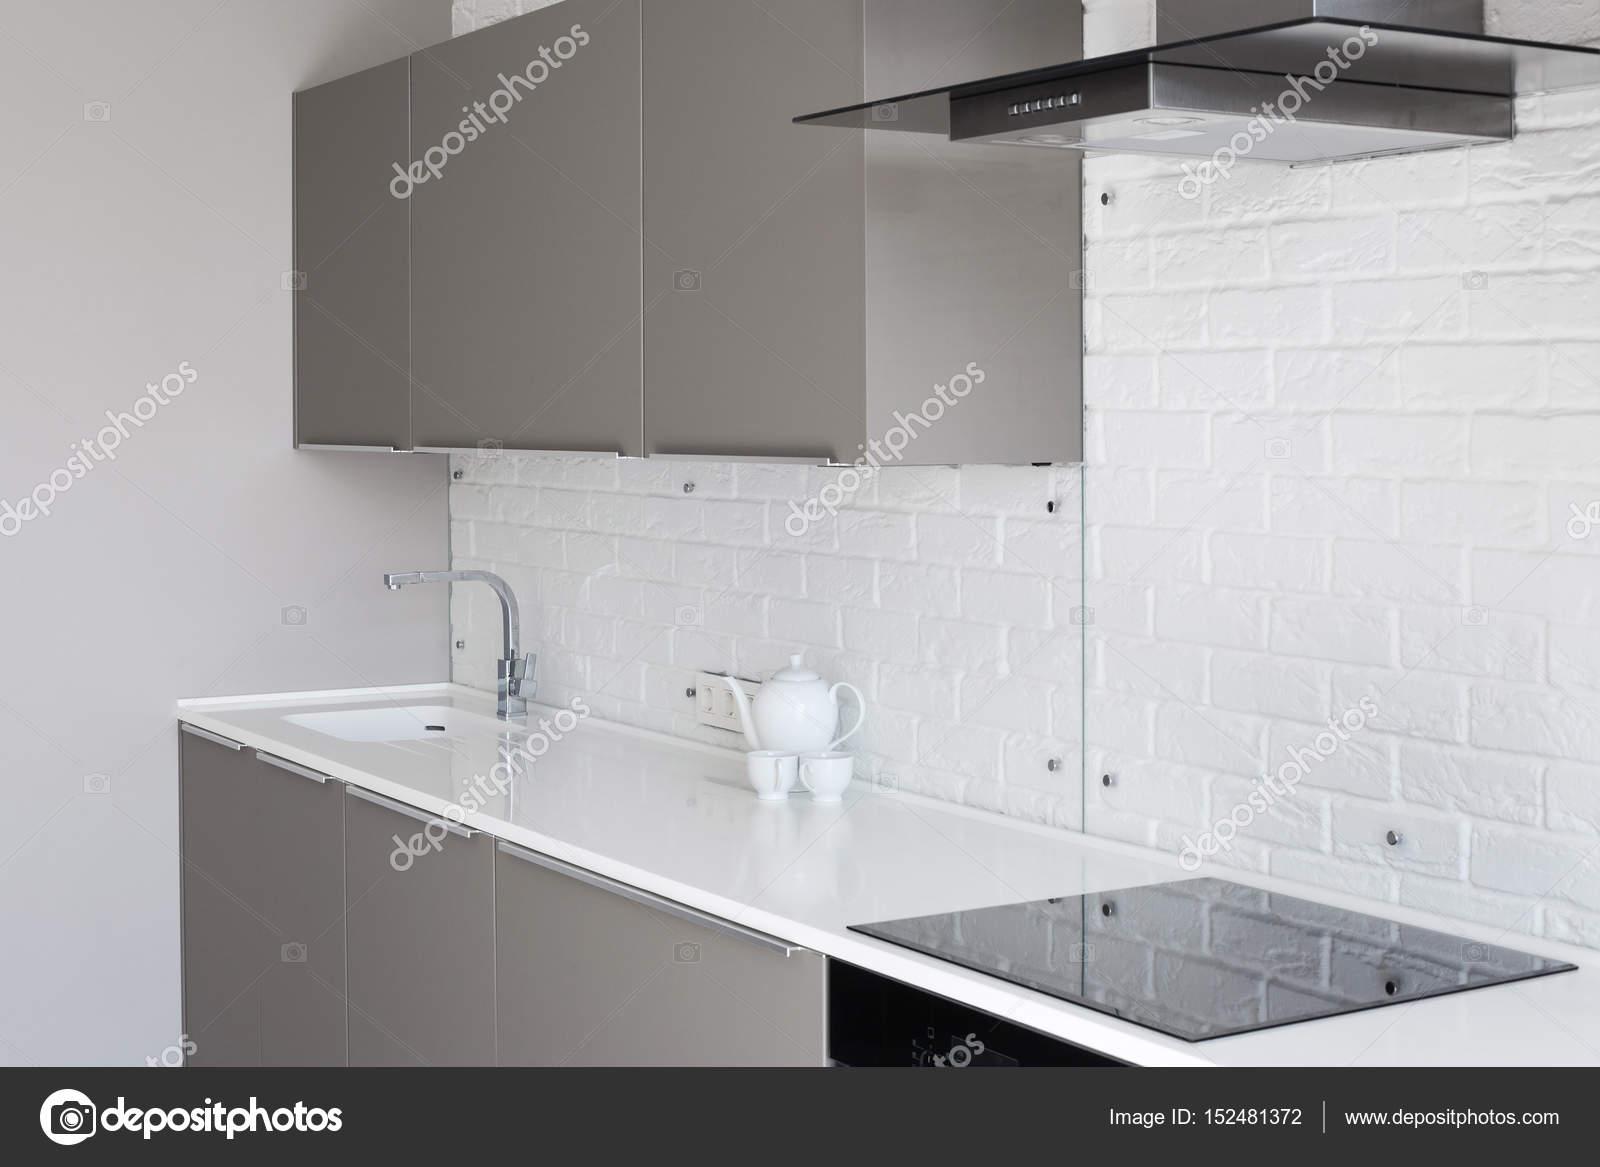 Weiße Neuen, Modernen Küche Mit Theke Und Auspuff Haube U2014 Stockfoto